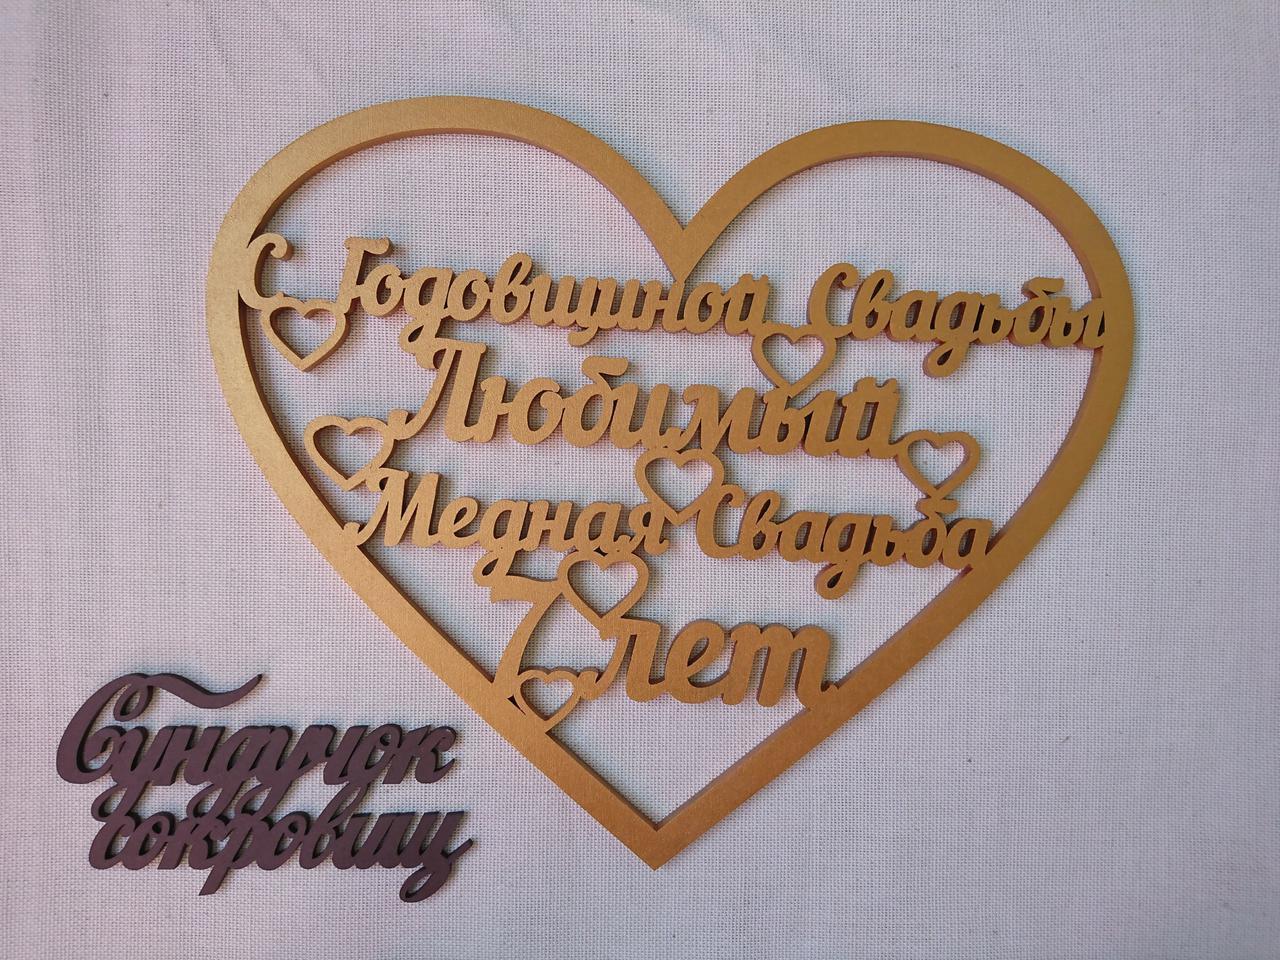 поздравление от мужа жене с медной свадьбой одежду стали